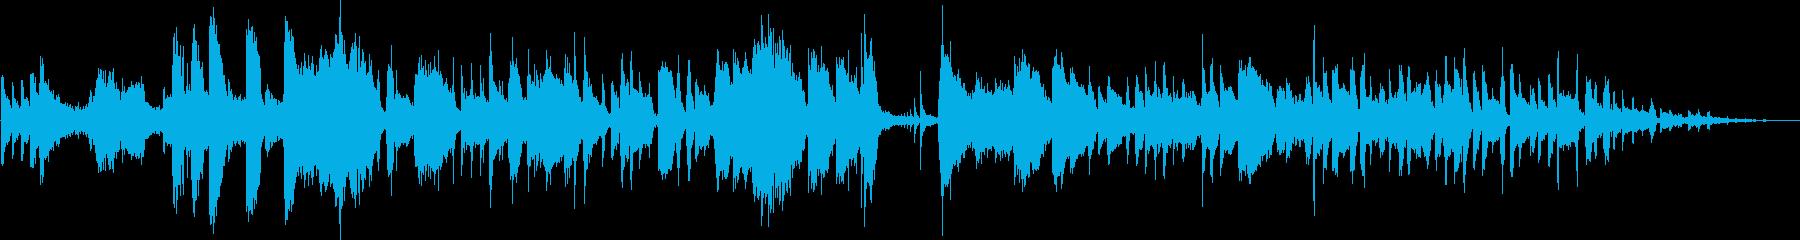 コメディスパイ/スプーフィング/ジ...の再生済みの波形